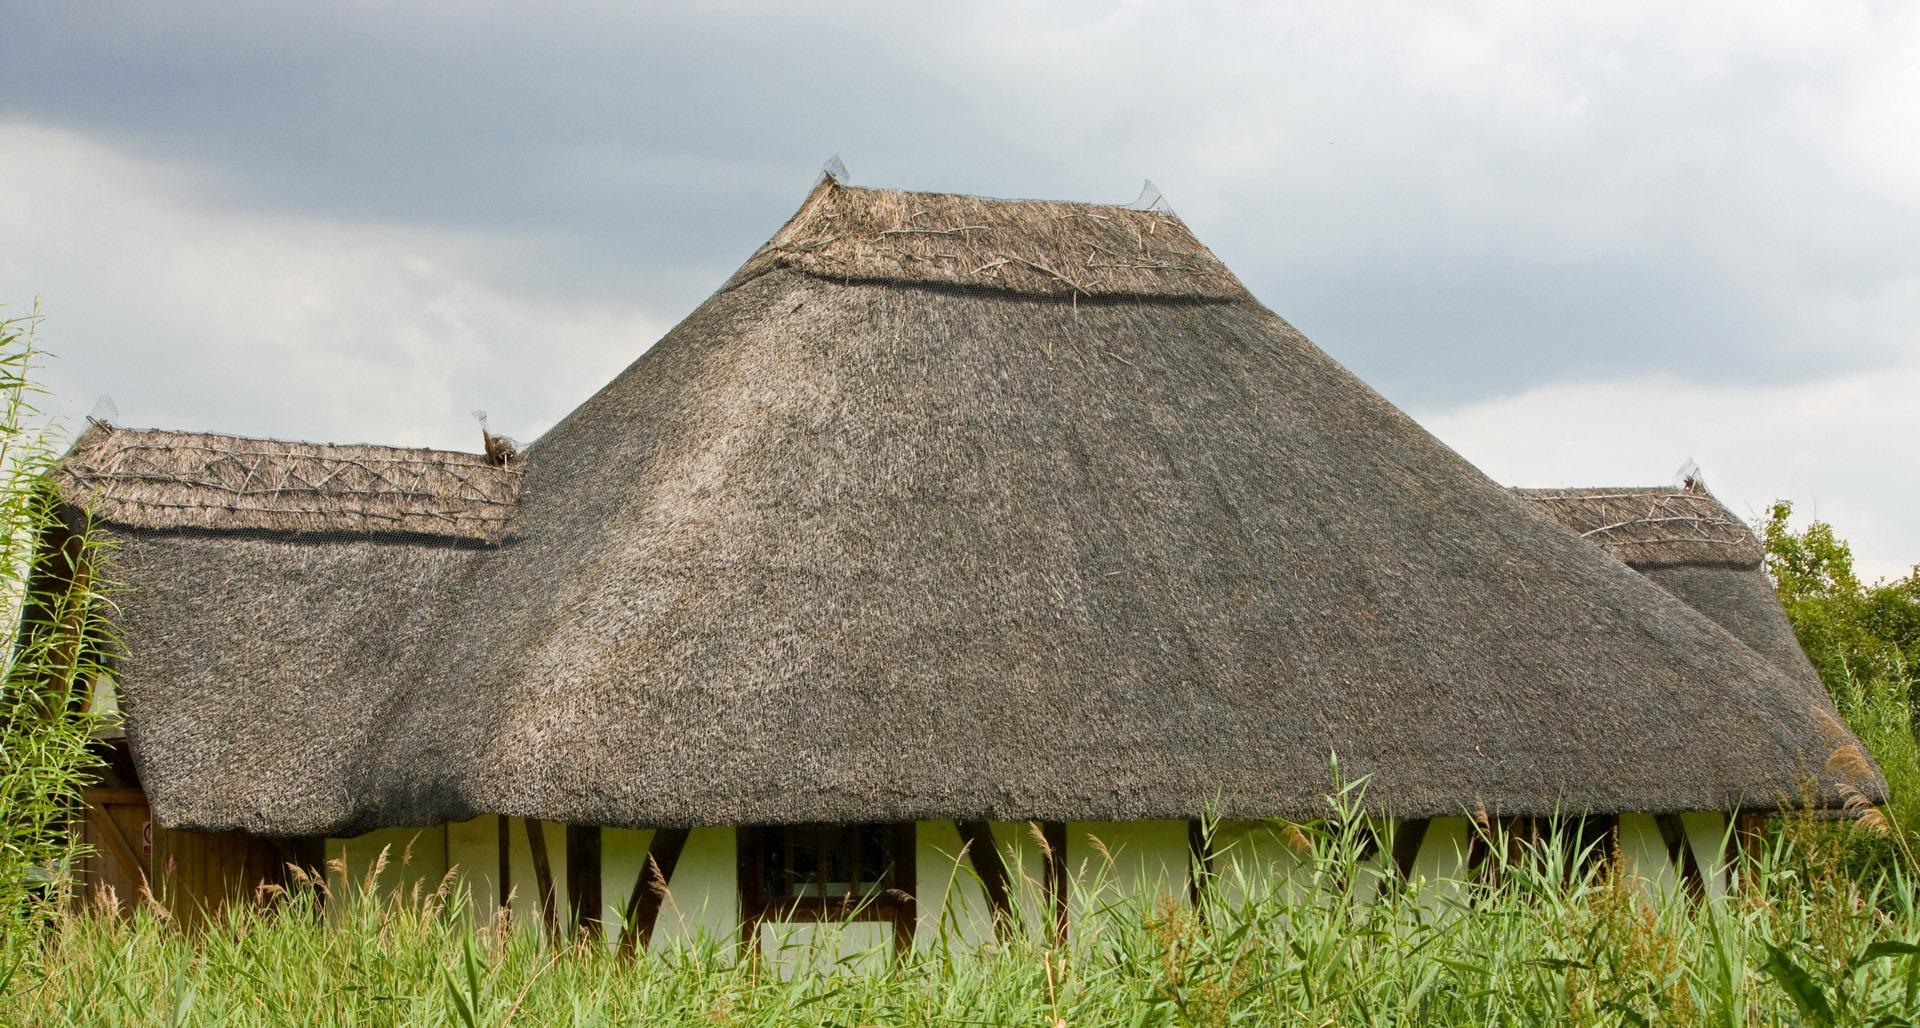 Come Realizzare Un Tetto Economico tetto di paglia (38 foto): come realizzare una casa con un